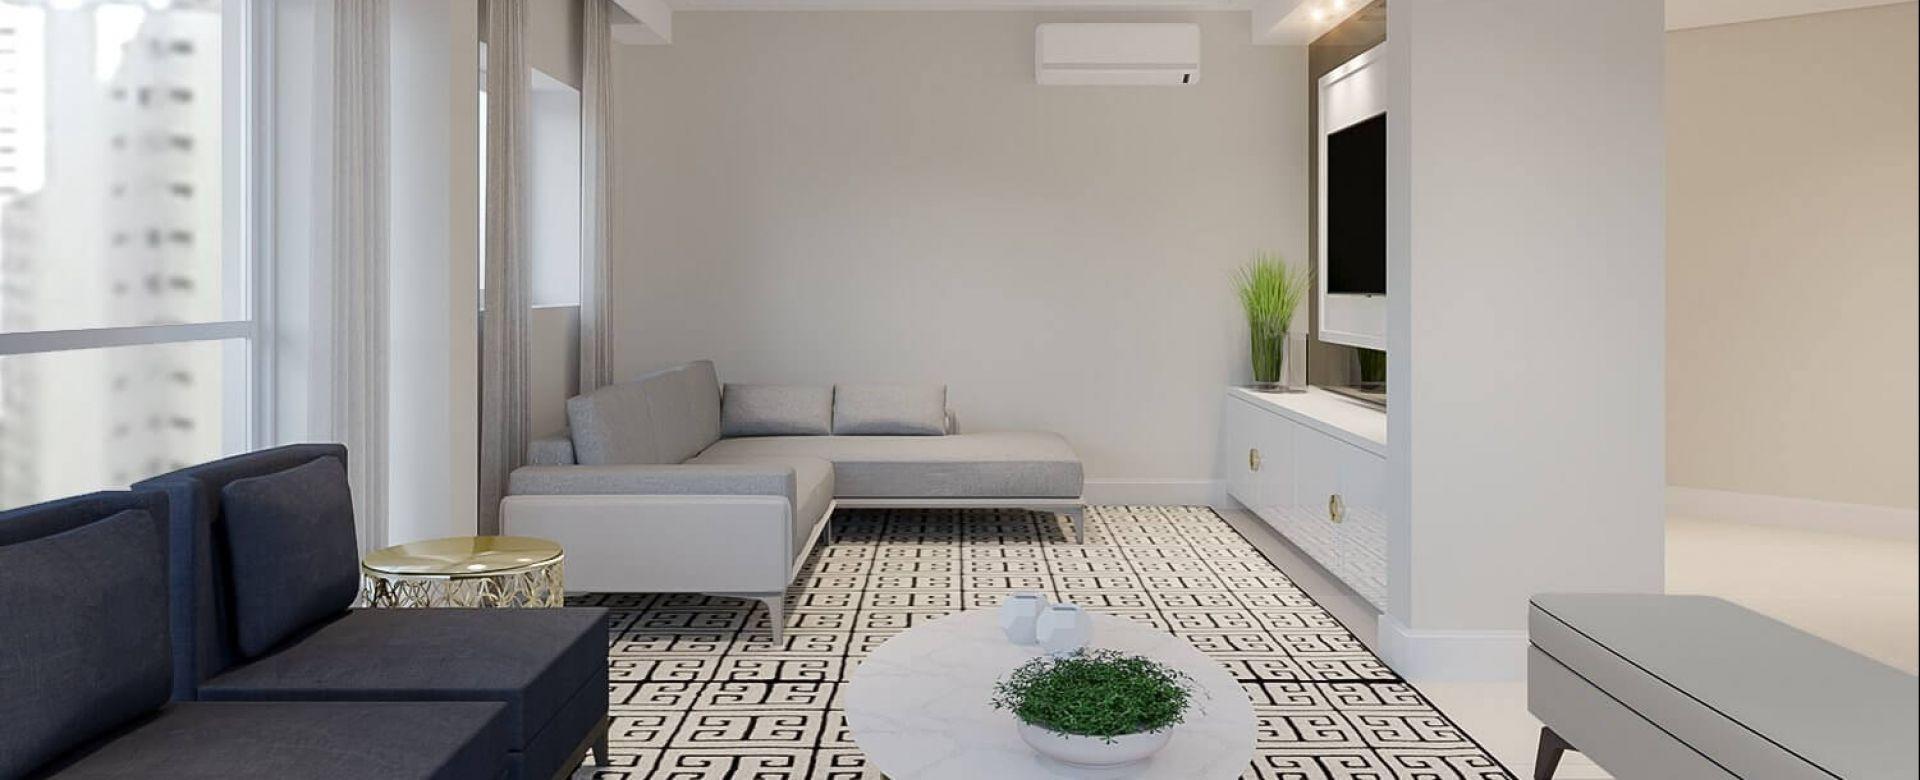 Imagem destaque do Edifício Portobello